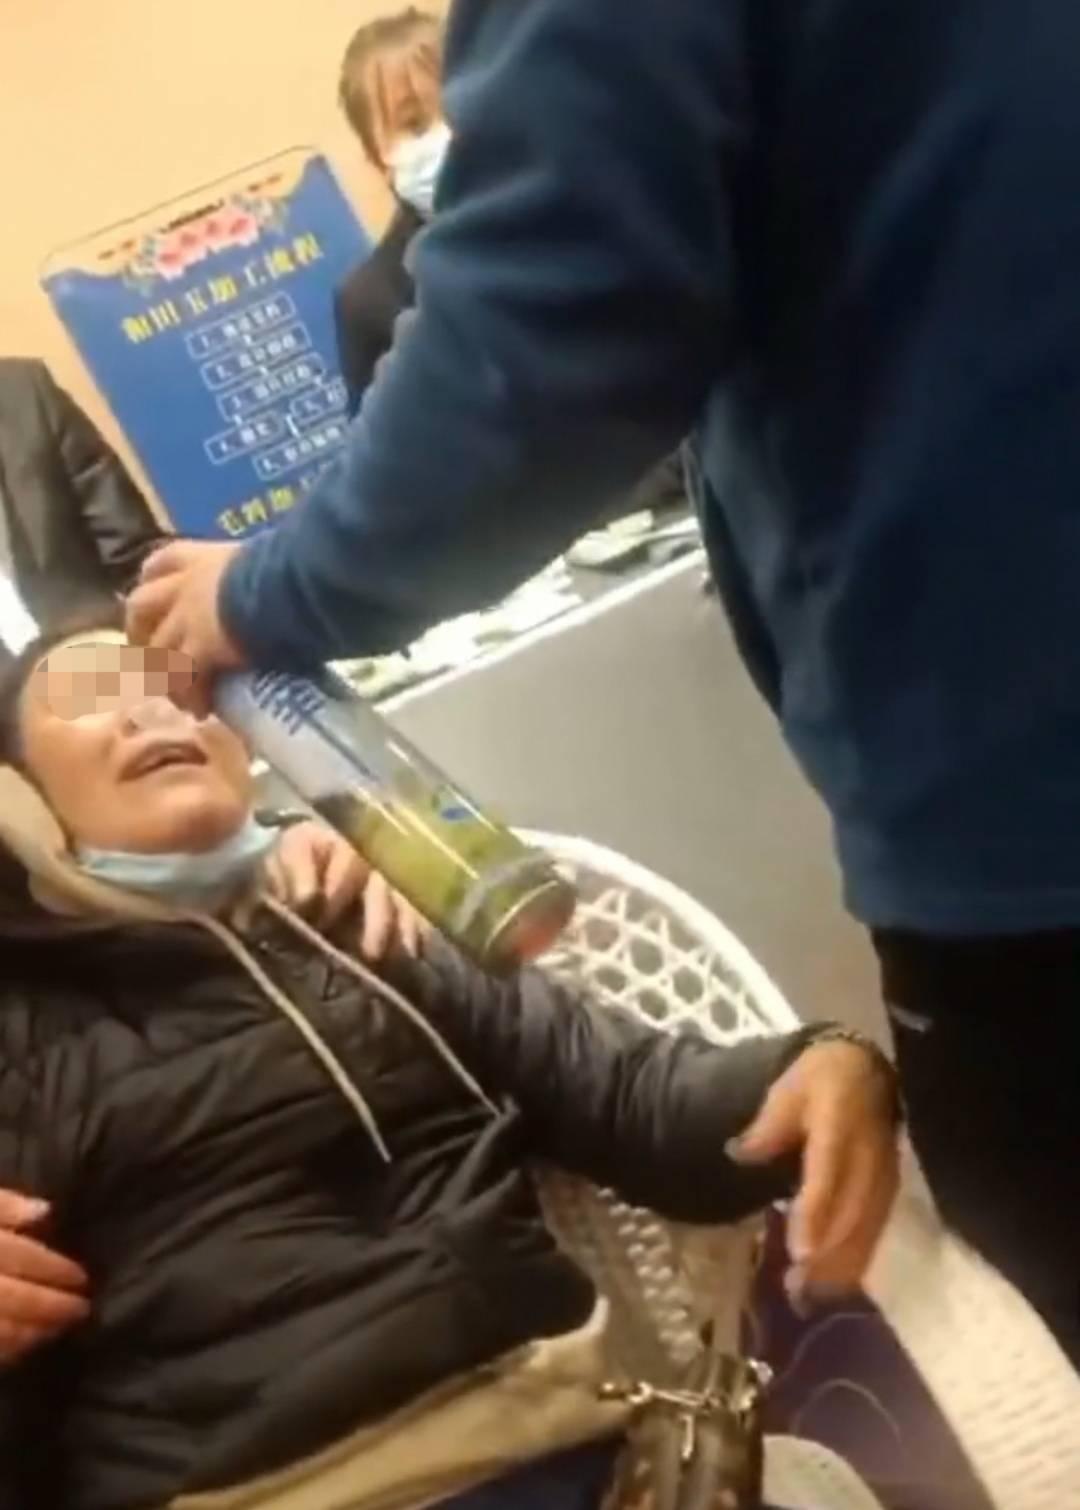 九寨沟一名老年游客因为没买玉器,被导游骂得全身发抖喘不上气